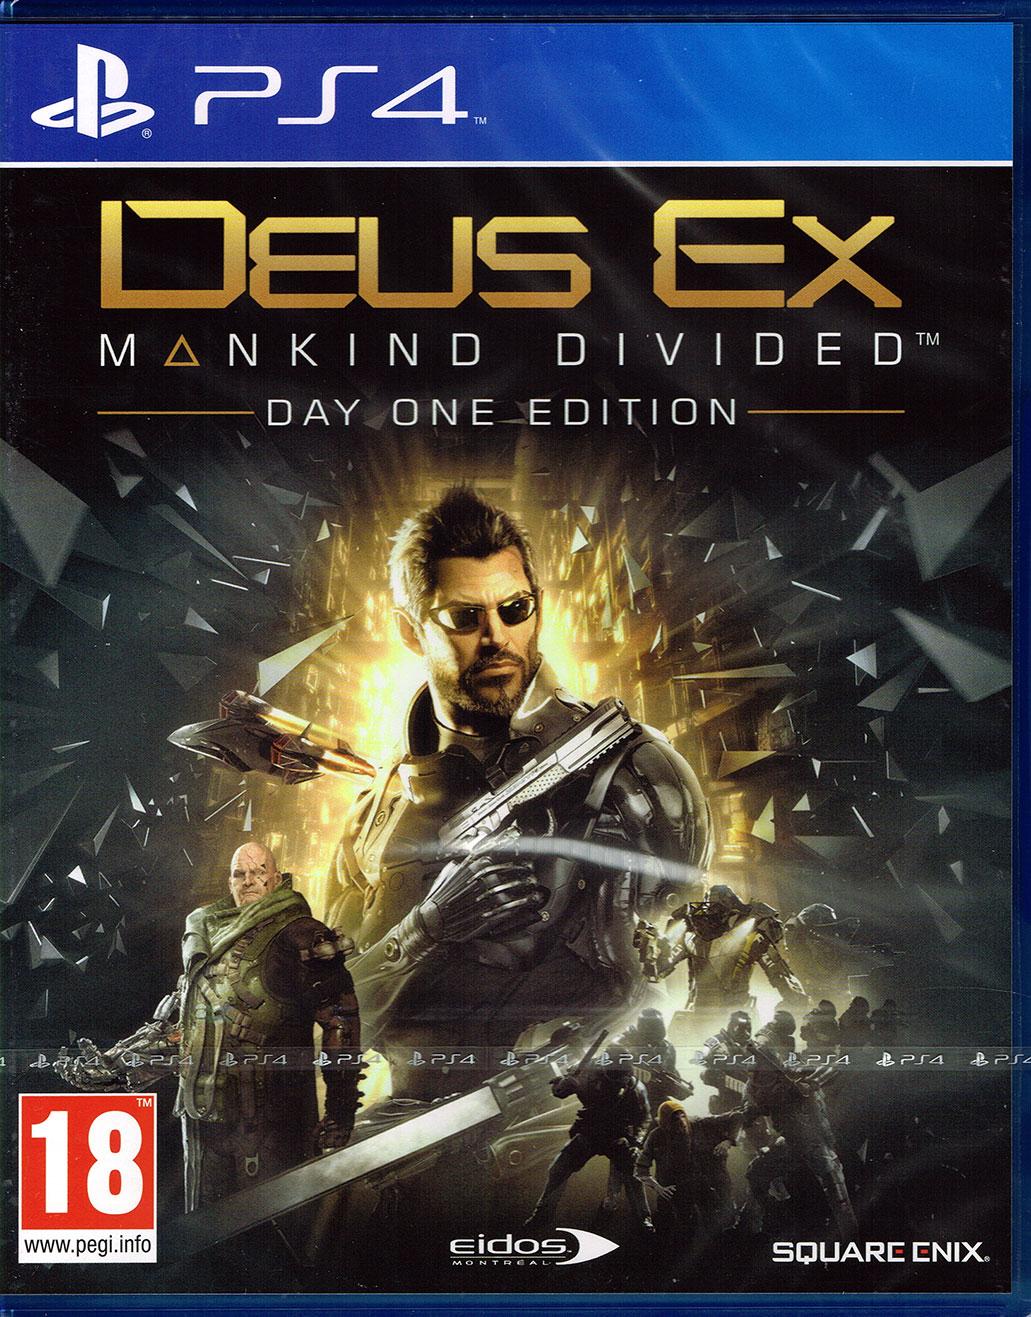 Deus Ex: Mankind Divided D1 Edition (PS4 / XBO) für 29,99€ [Gameware.at]